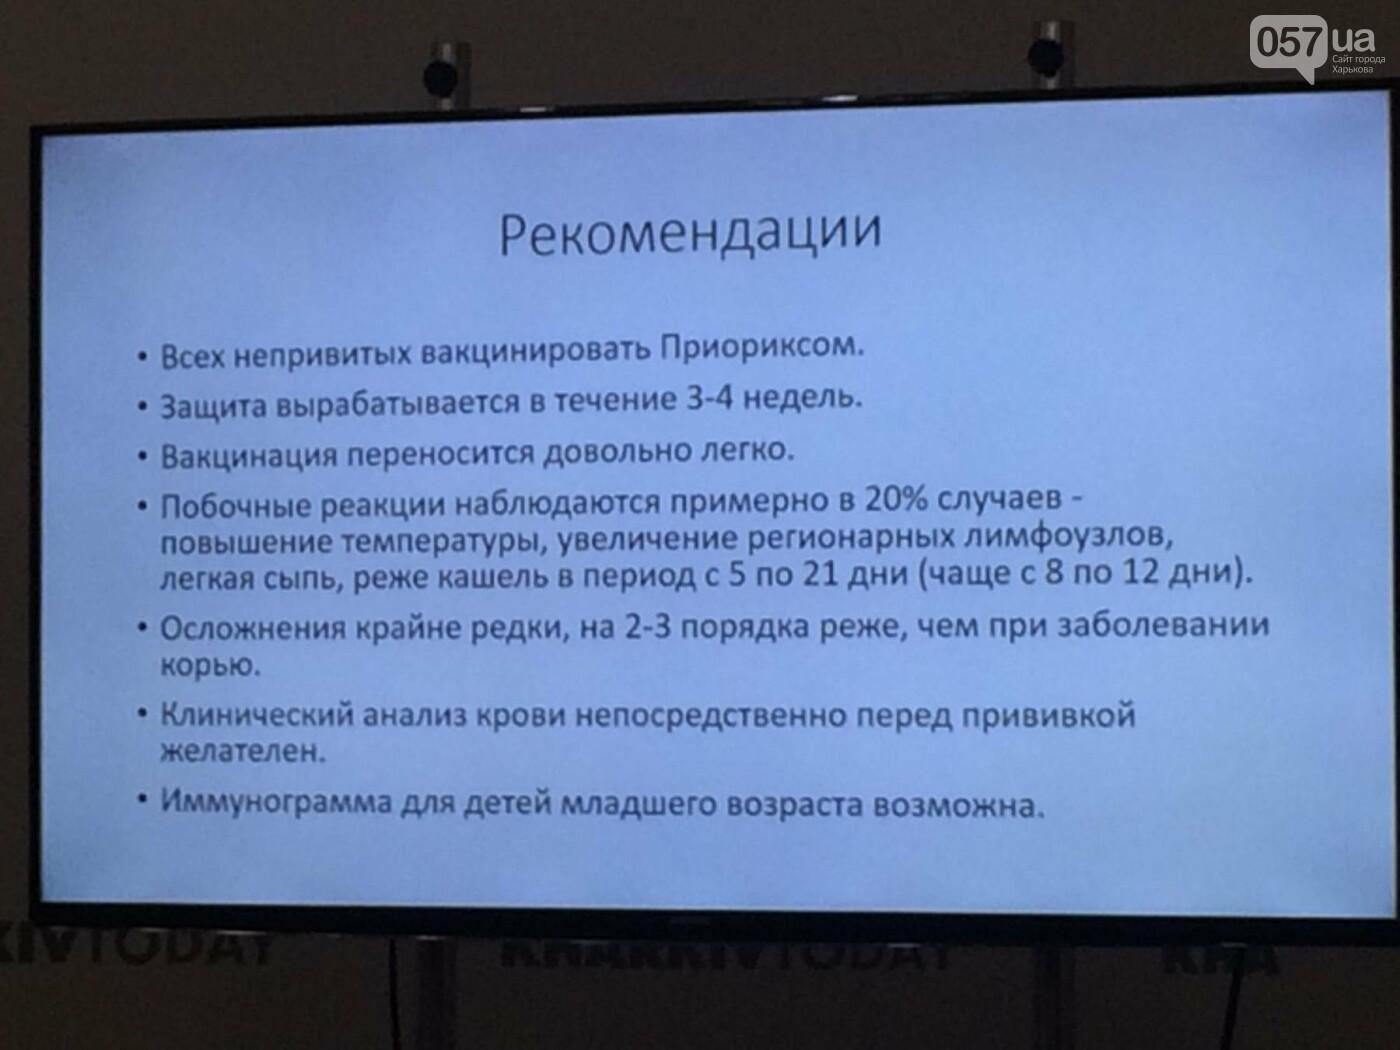 Вспышка кори в Украине: врачи-иммунологи призывают харьковчан вакцинироваться , фото-3